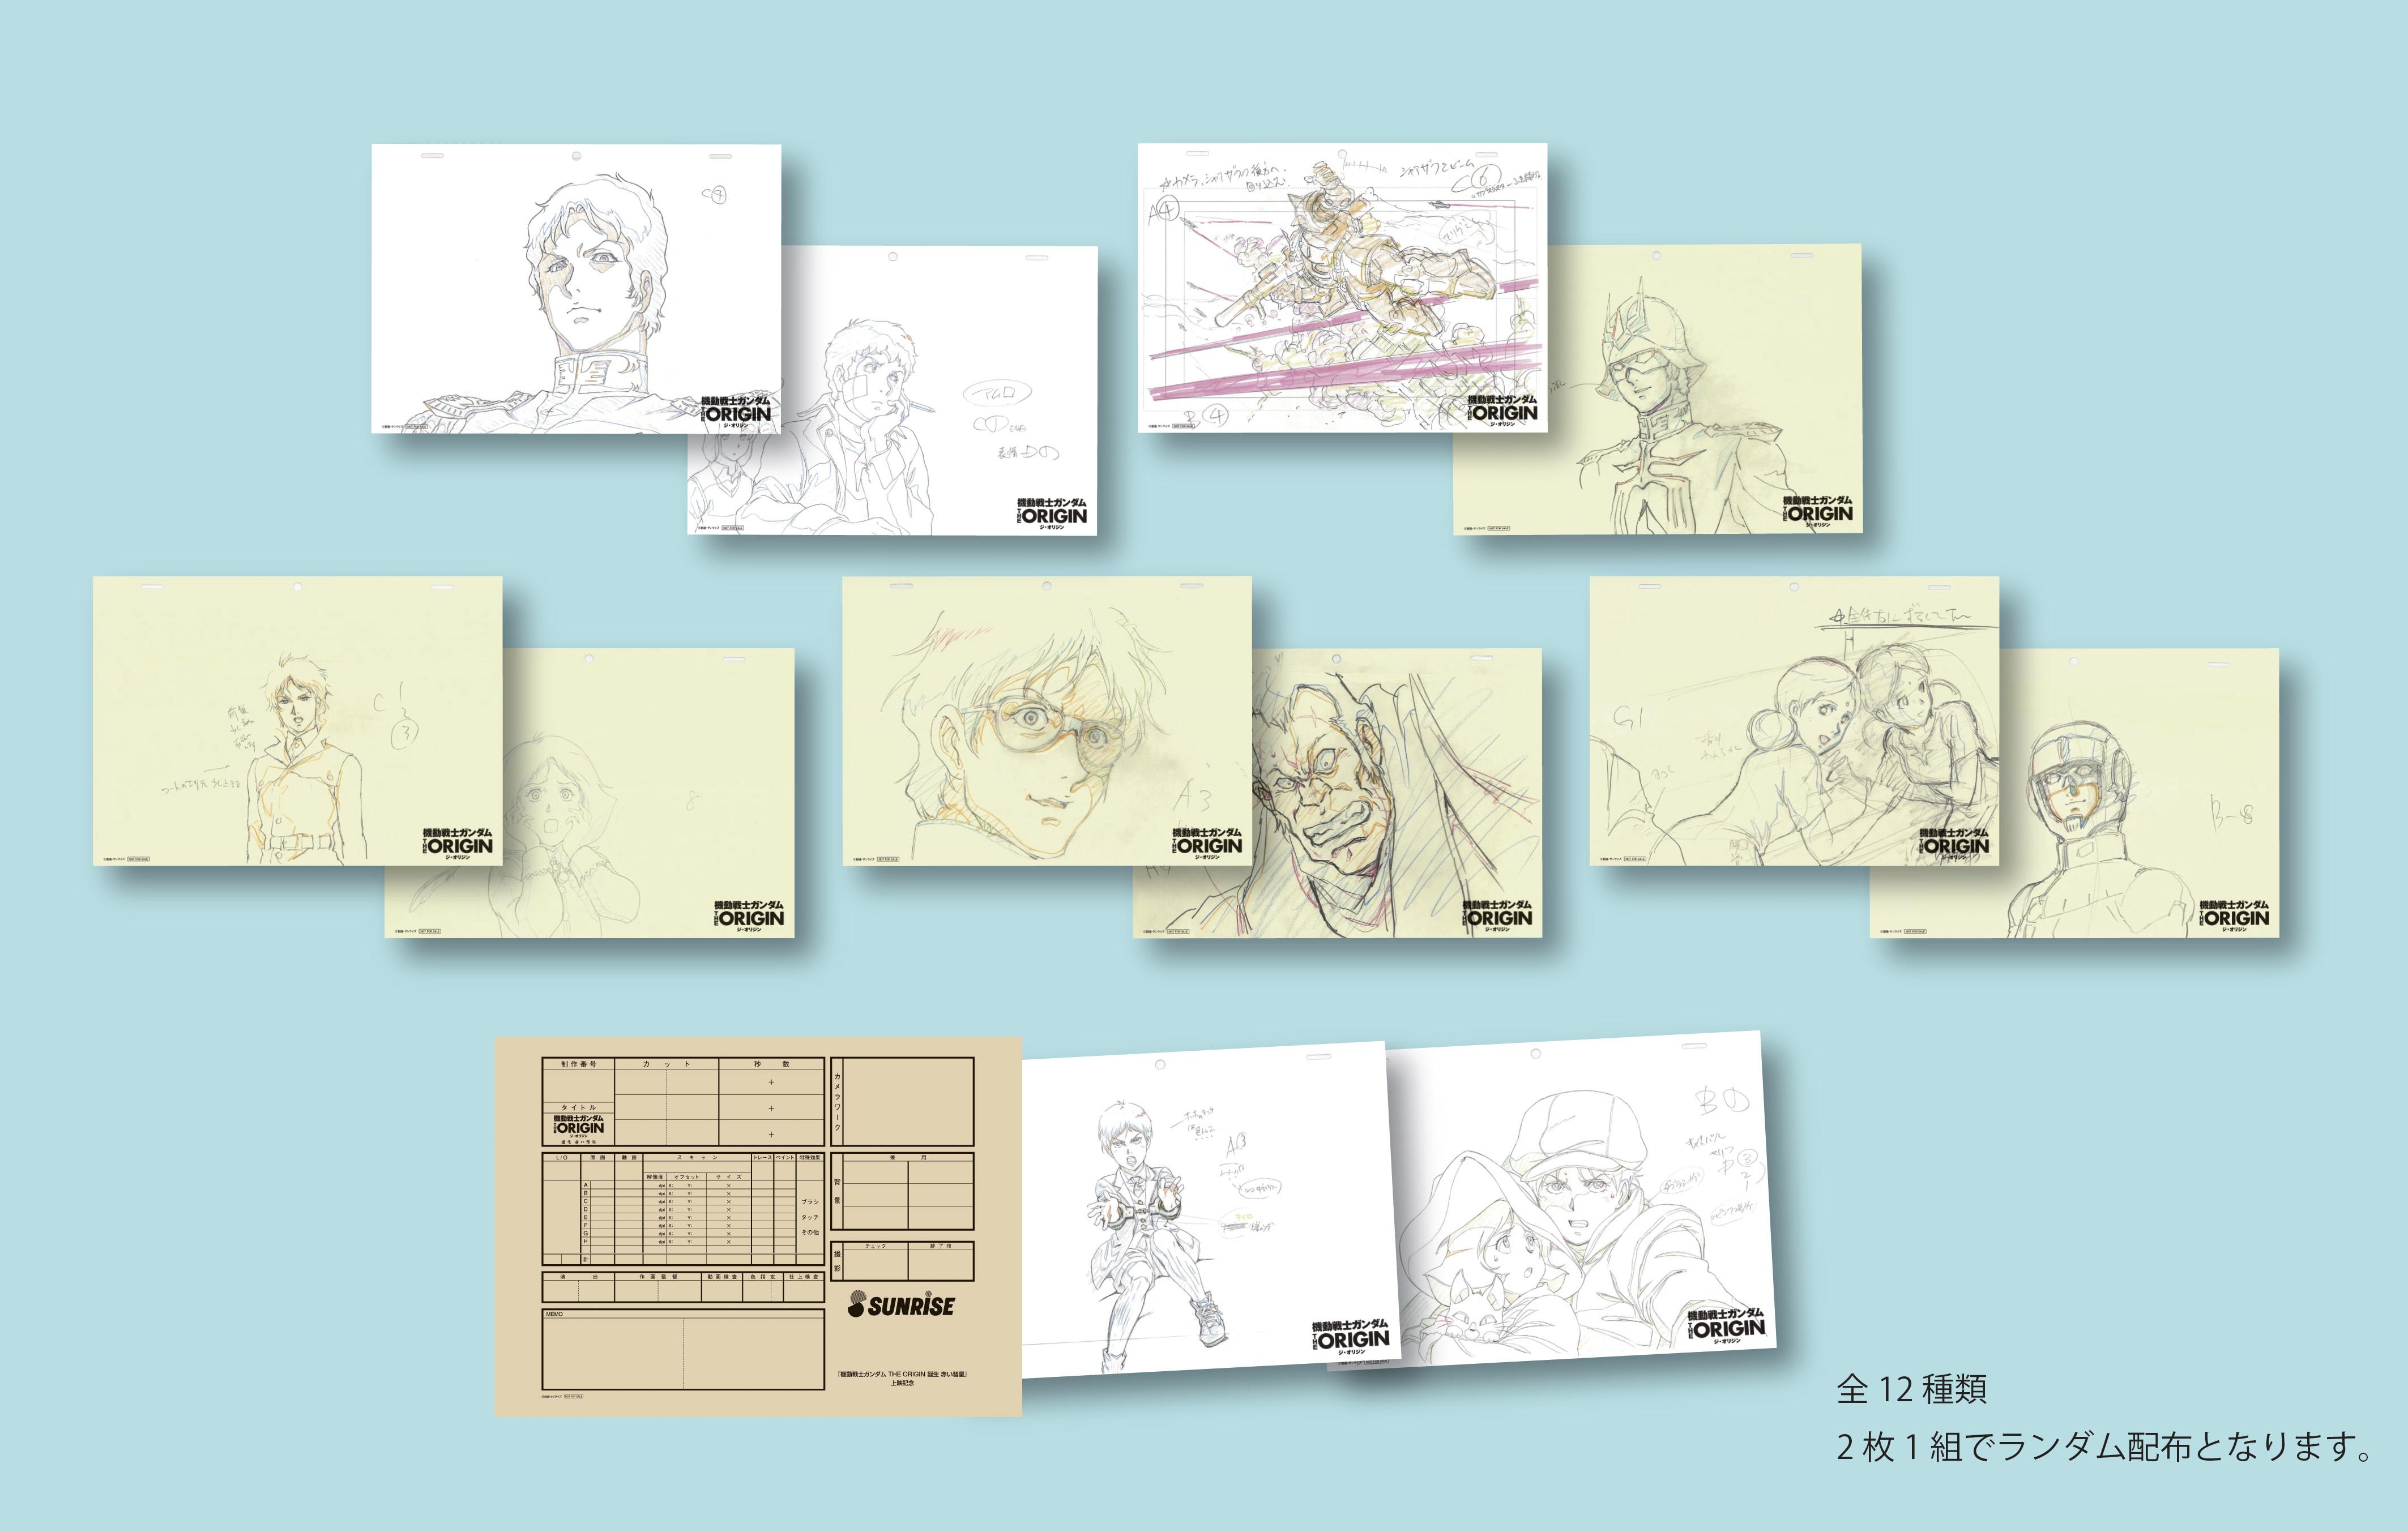 機動戦士ガンダム THE ORIGIN 最新イベント情報!